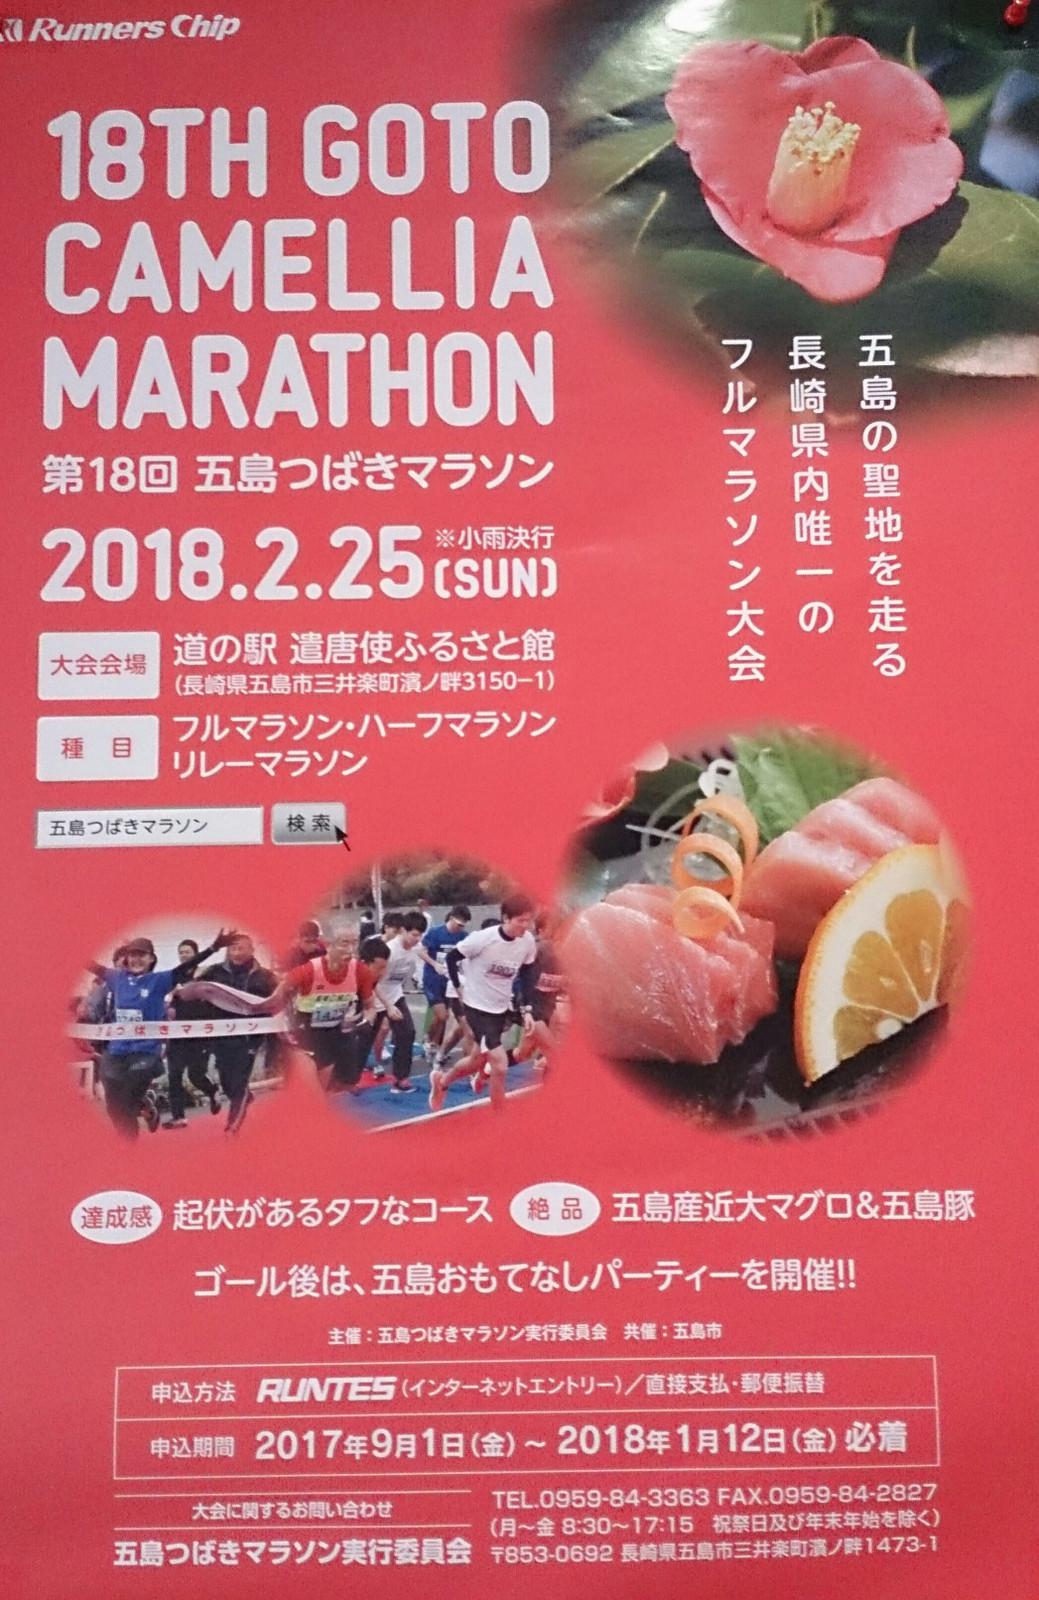 マラソン 五島 つばき